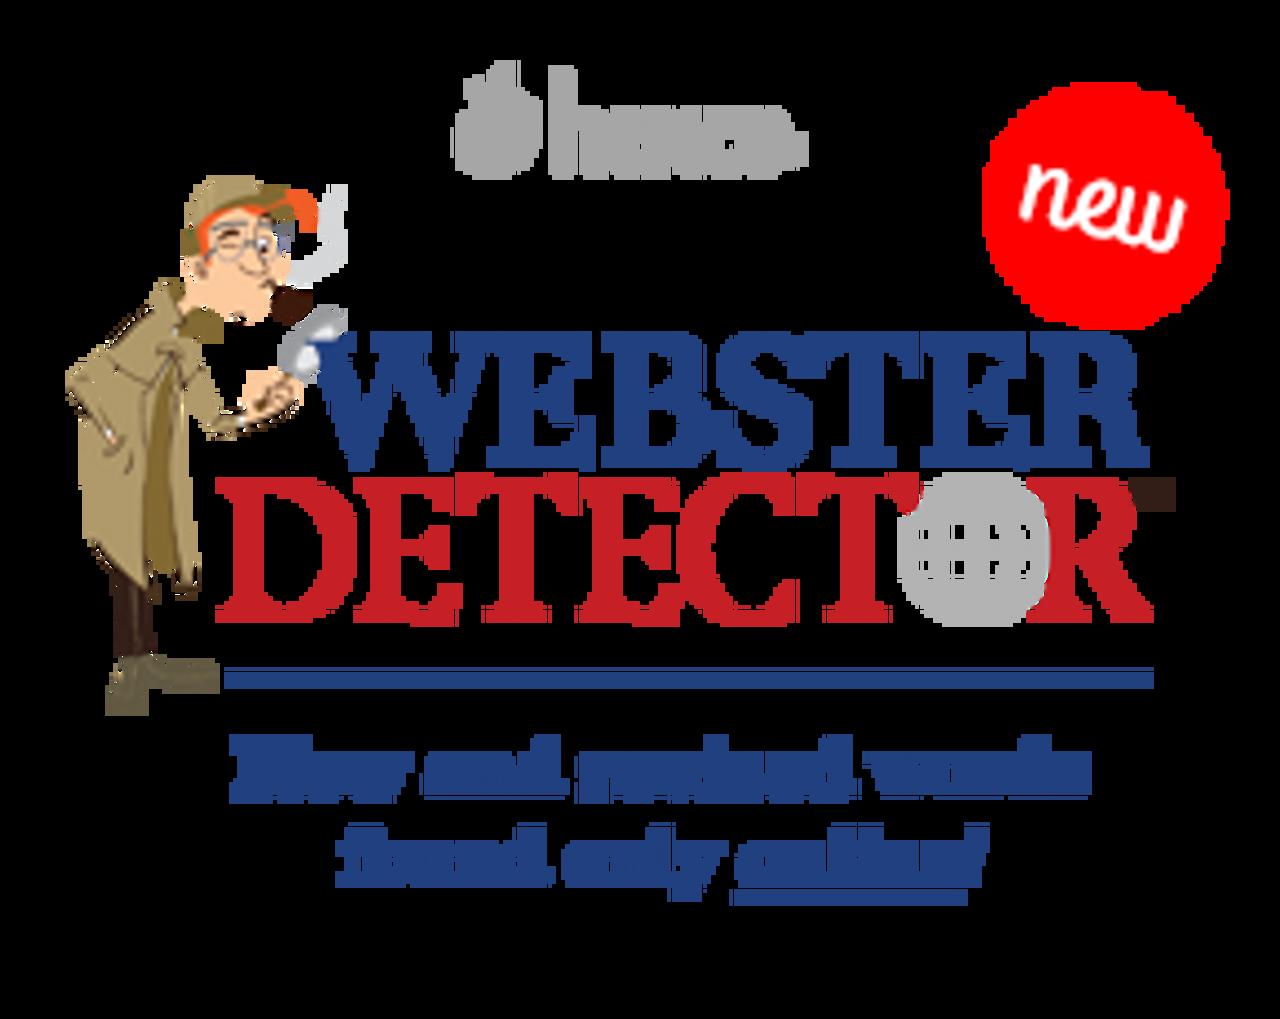 Webster Detector